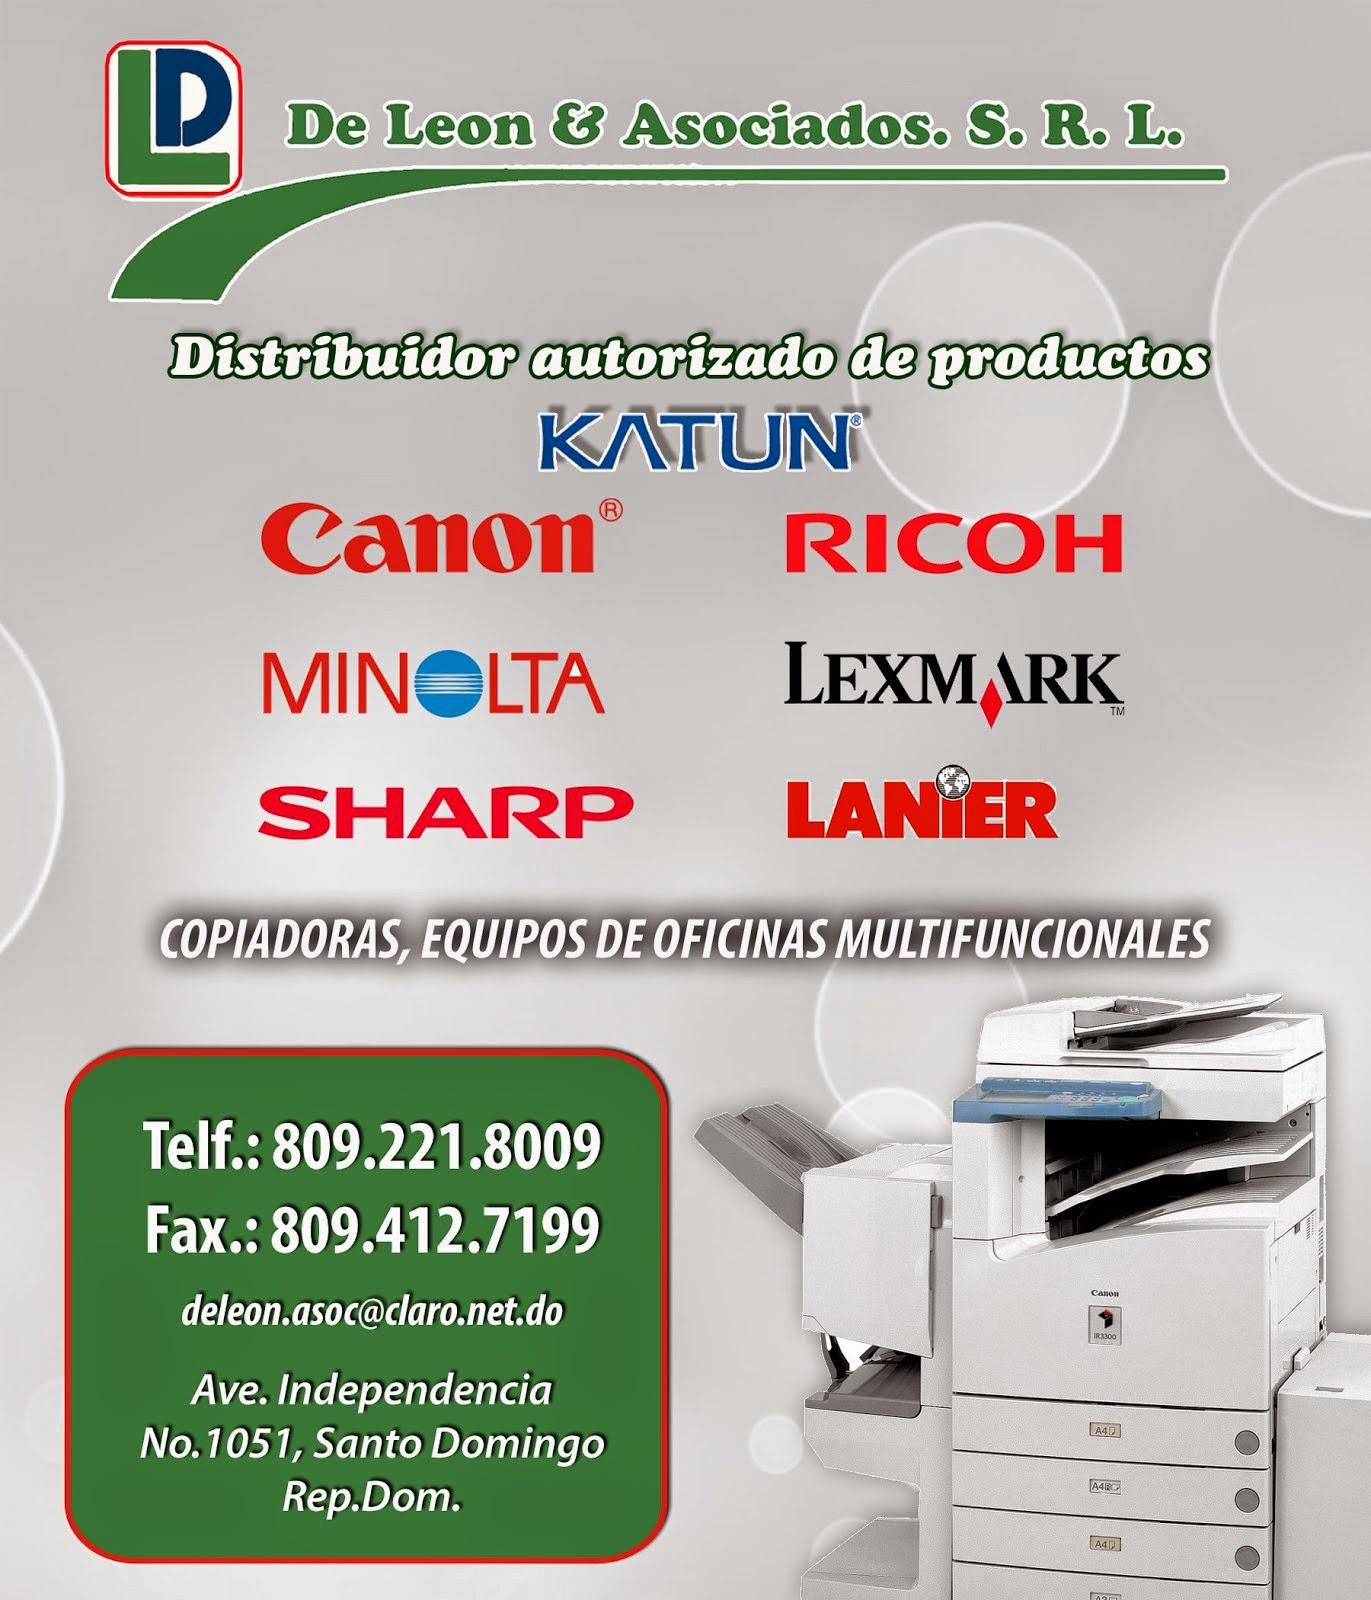 De León & Asociados. S.R.L